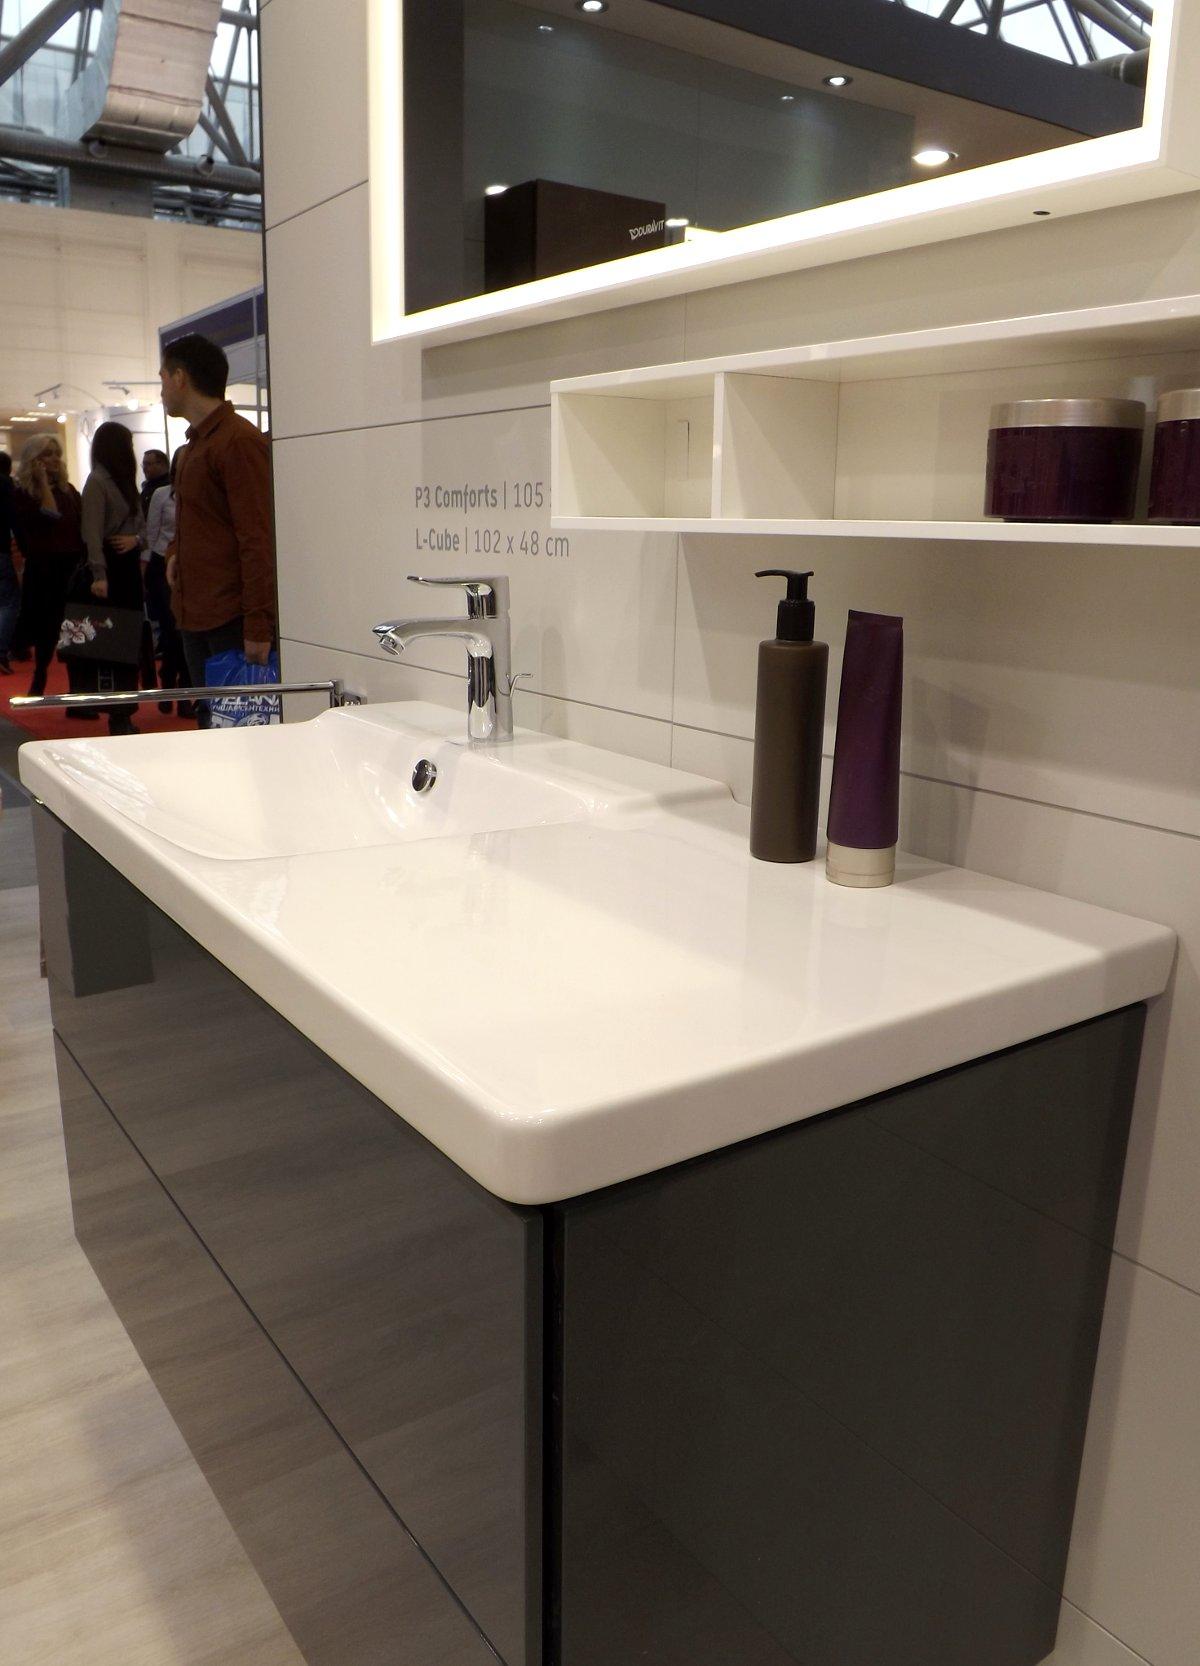 Мебель для ванной и зеркало L-Cube с раковиной P3 Comforts от Duravit на выставке МосБилд 2015. Вид А